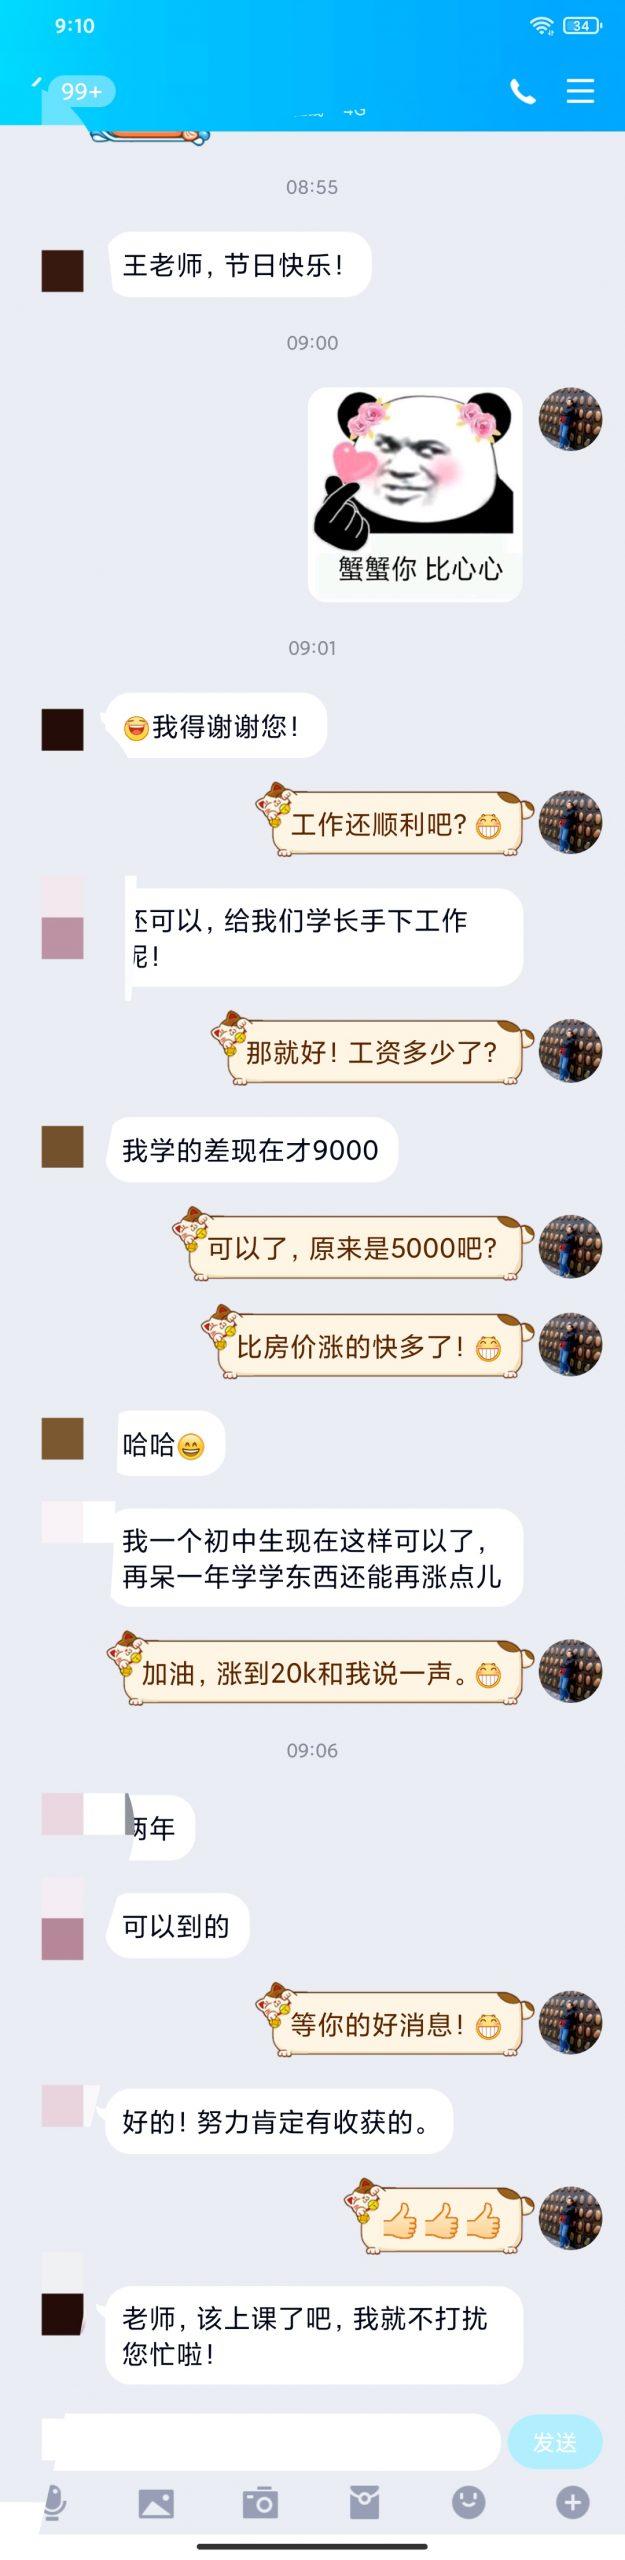 【就业喜讯-924期】初中生薪资翻倍!